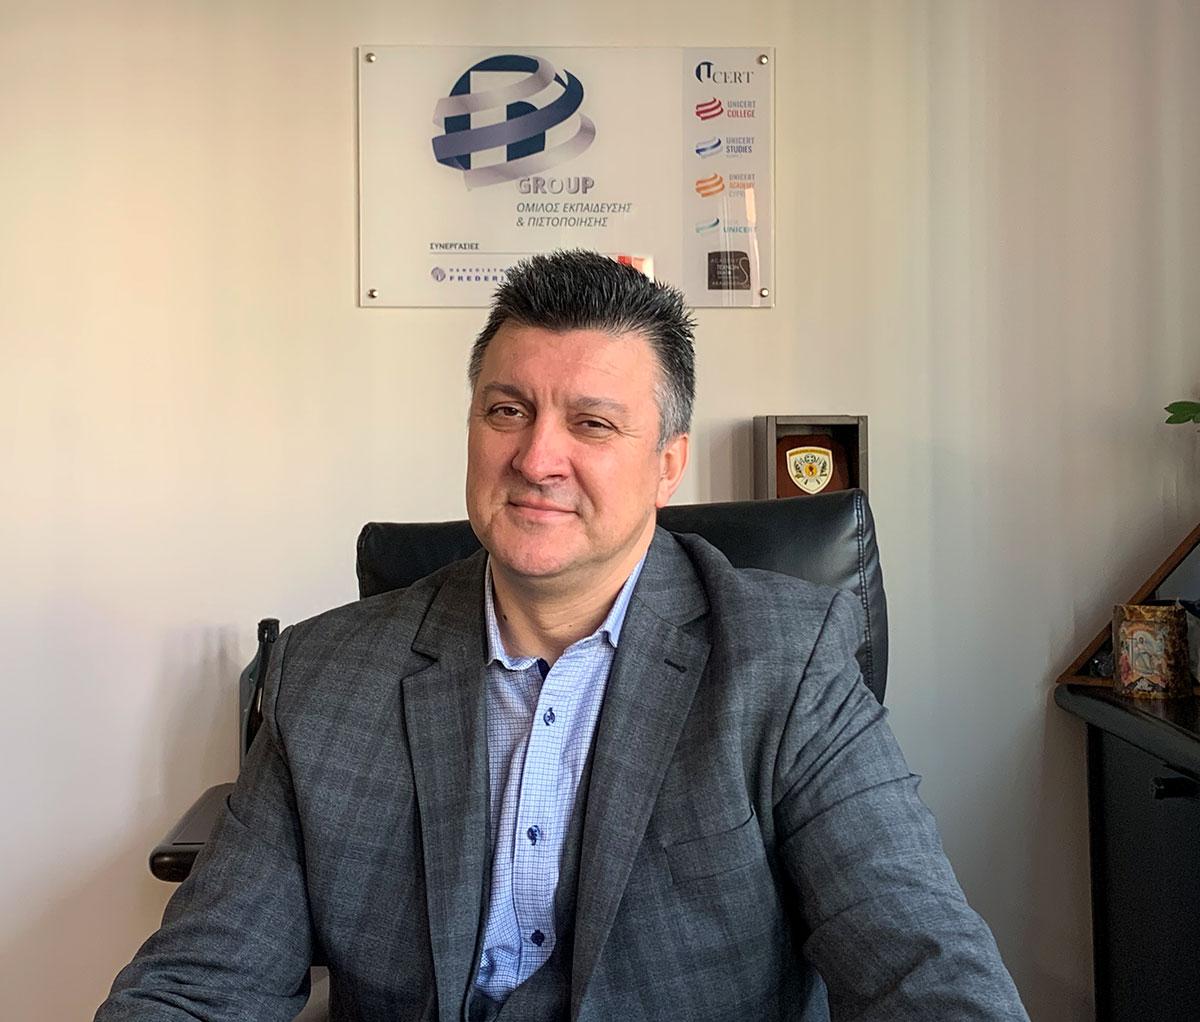 UCERT CYPRUS   D GROUP - Δρ Δημήτριος Δερπάνης